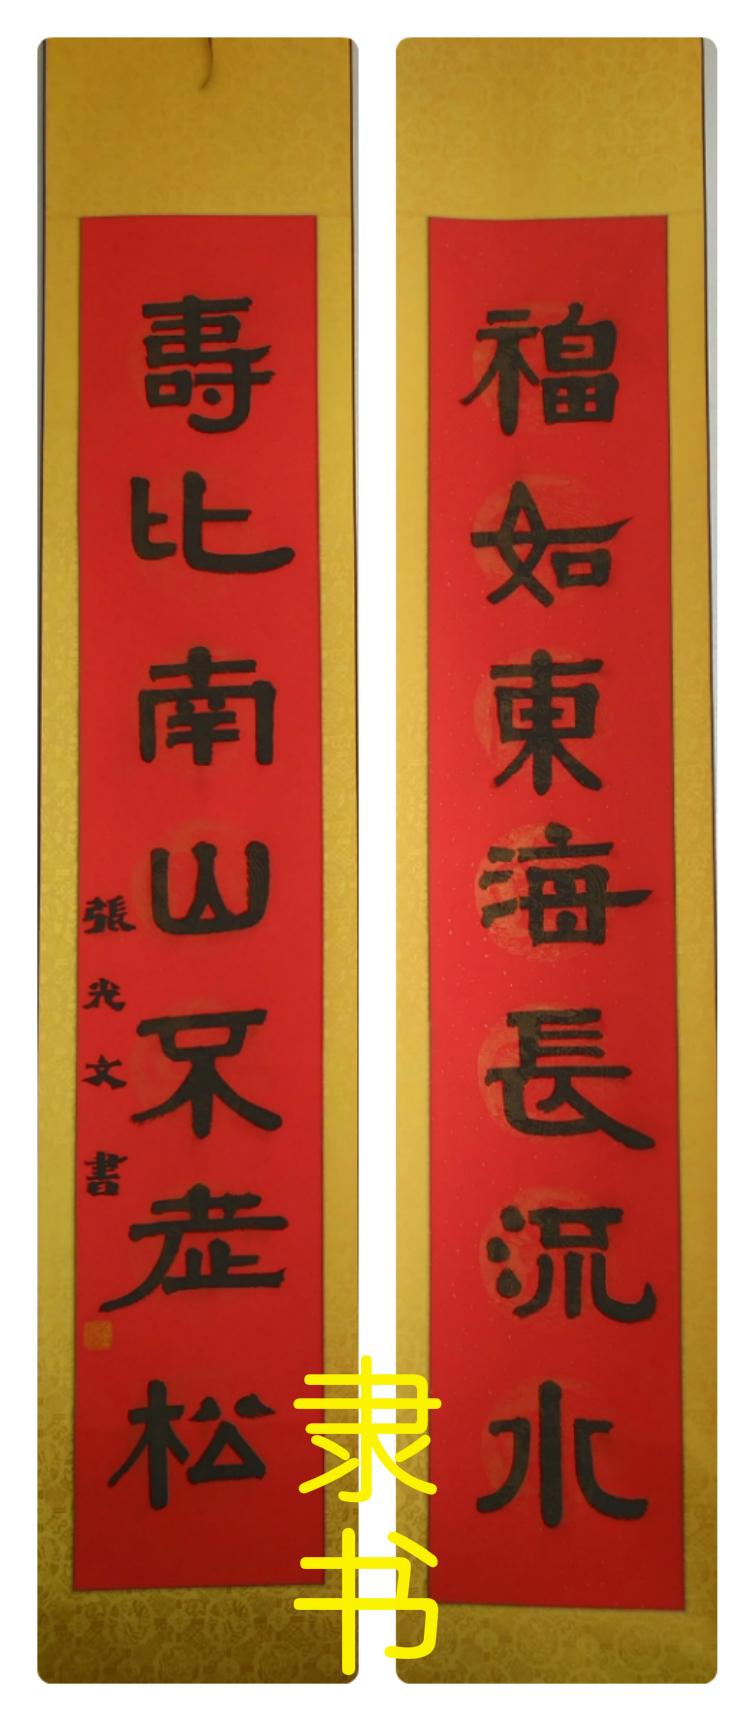 毛笔手写寿联祝寿对联老人做寿寿字贺寿过寿楷书隶书魏碑对联寿对